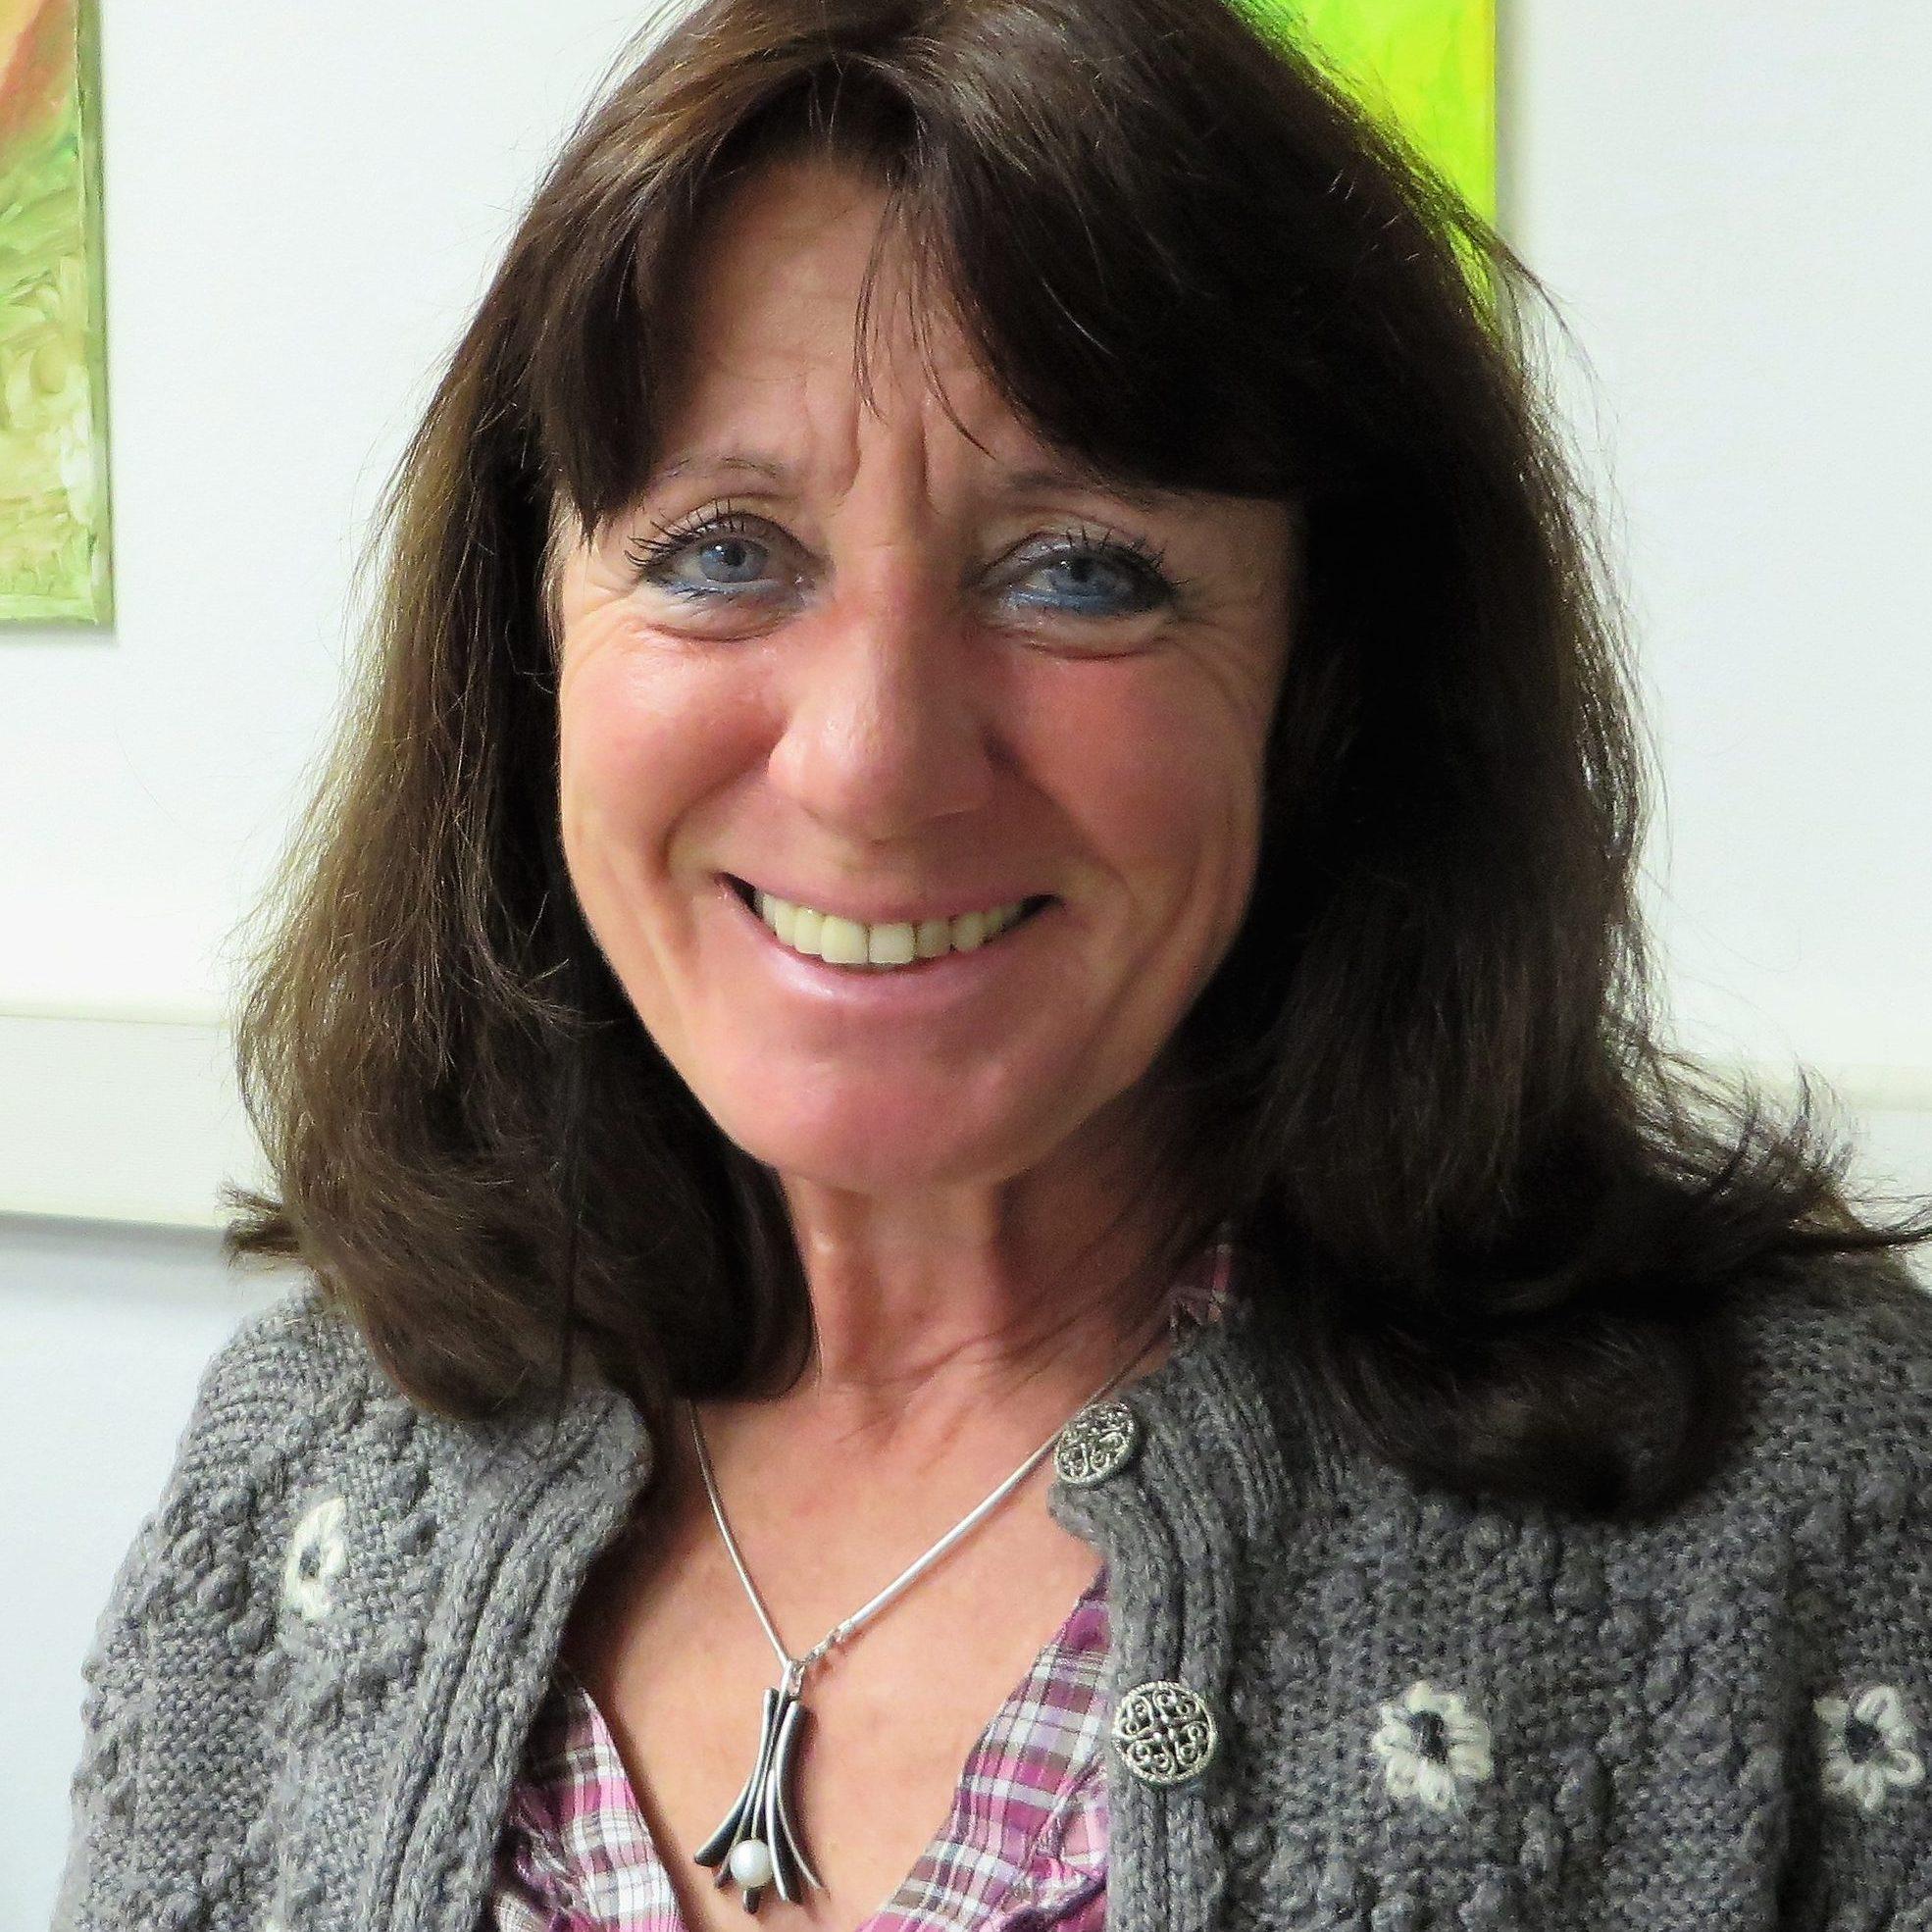 Ingrid Wagner